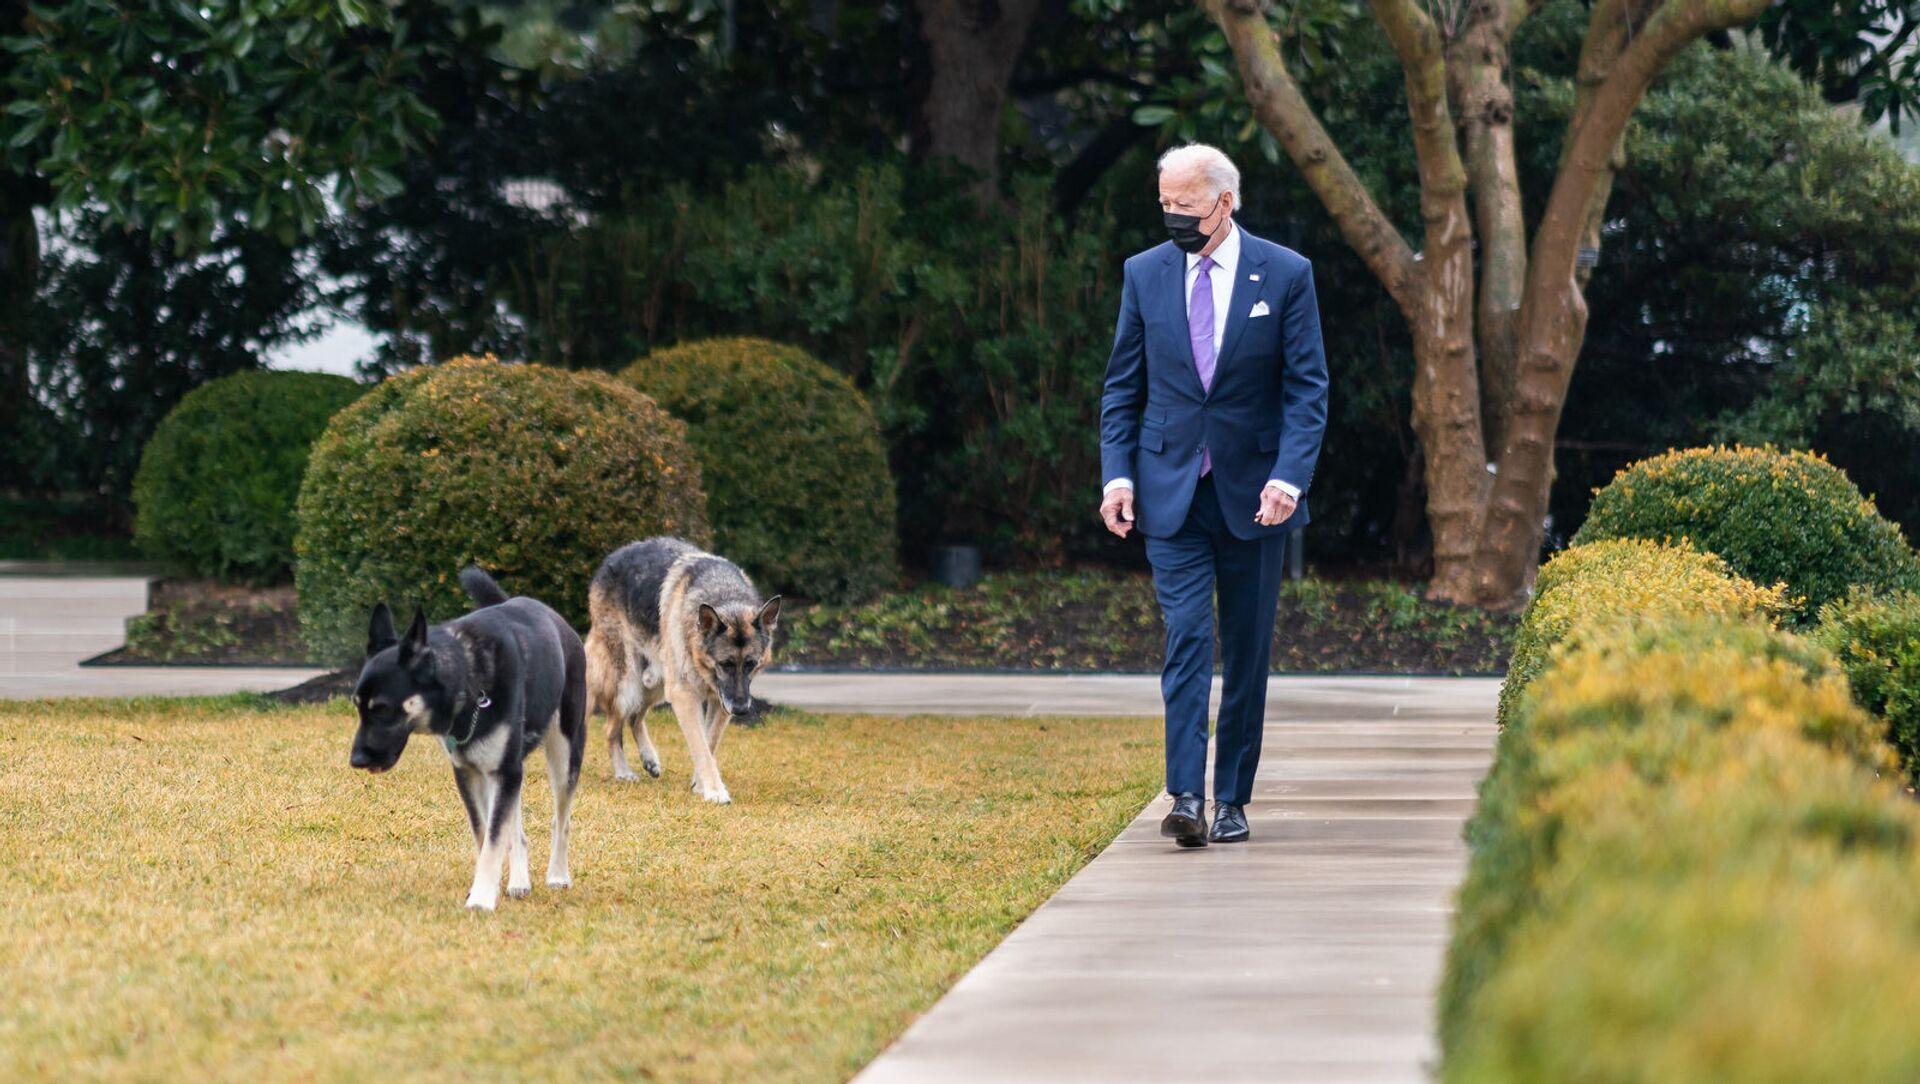 Joe Biden với hai con chó Champ và Major tại Nhà Trắng. - Sputnik Việt Nam, 1920, 23.04.2021